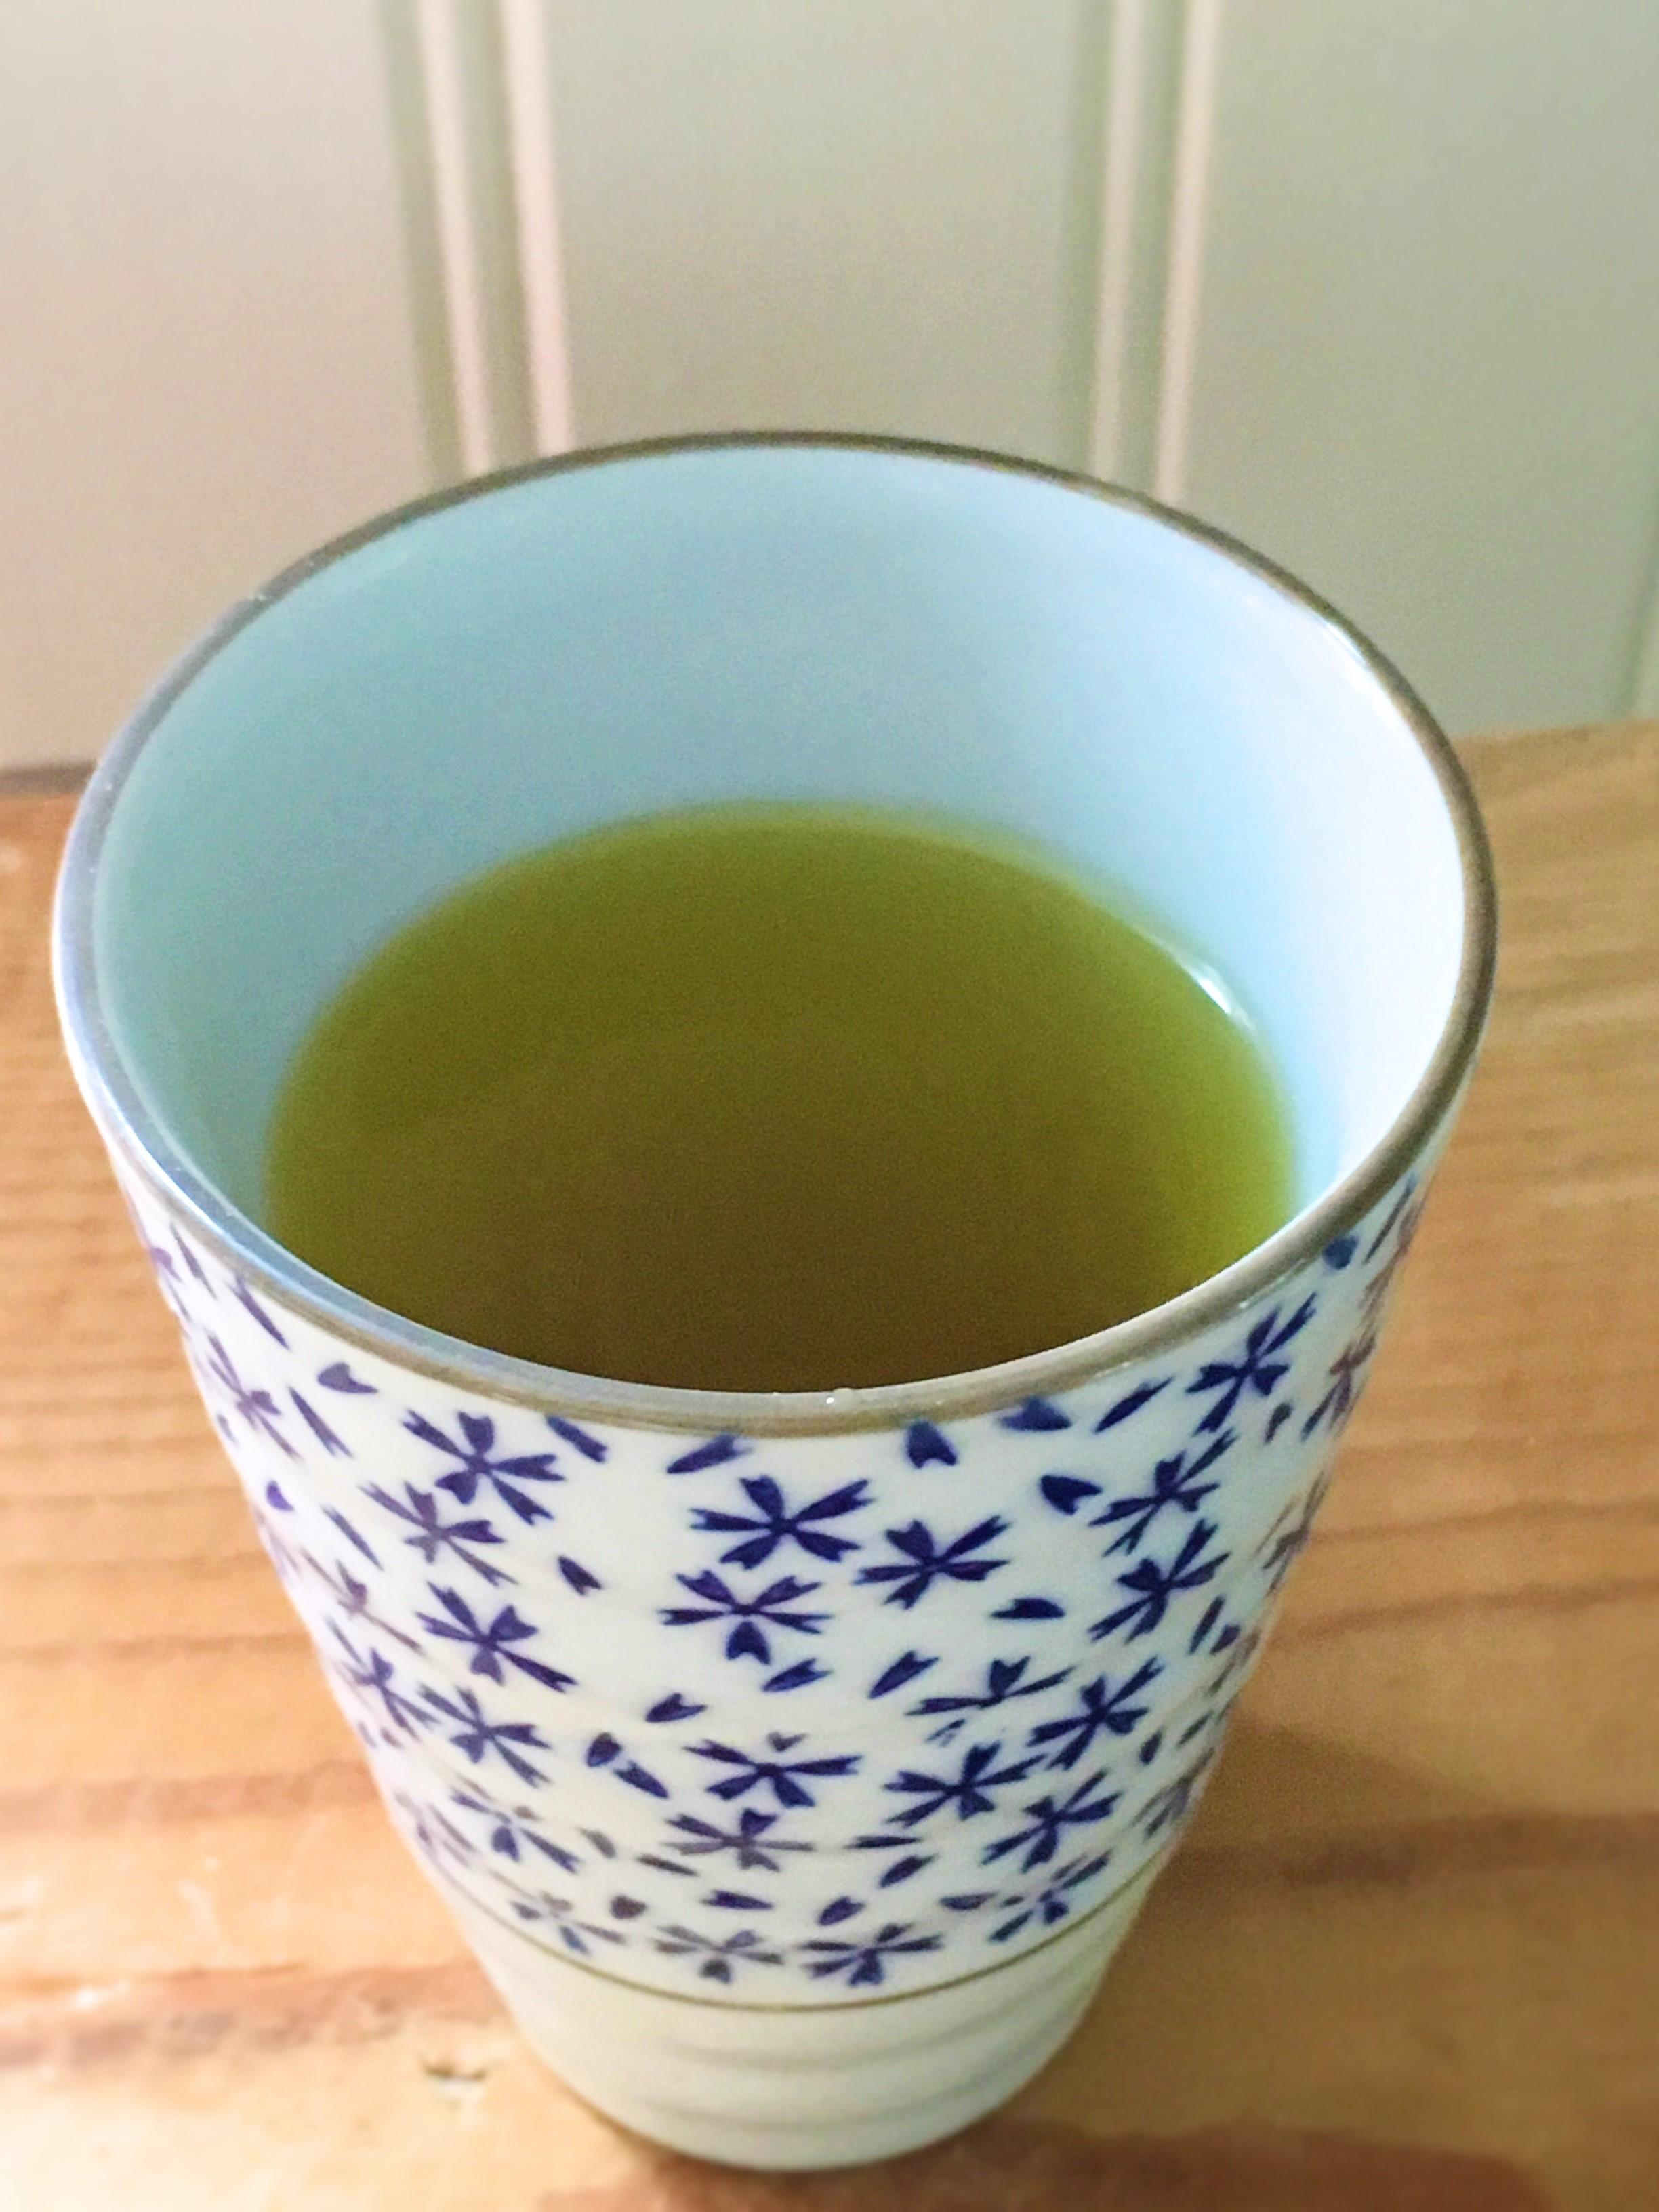 Brændenælde te, nemmere og sjovere opskrift, SuperOtium, gratis te fra naturen